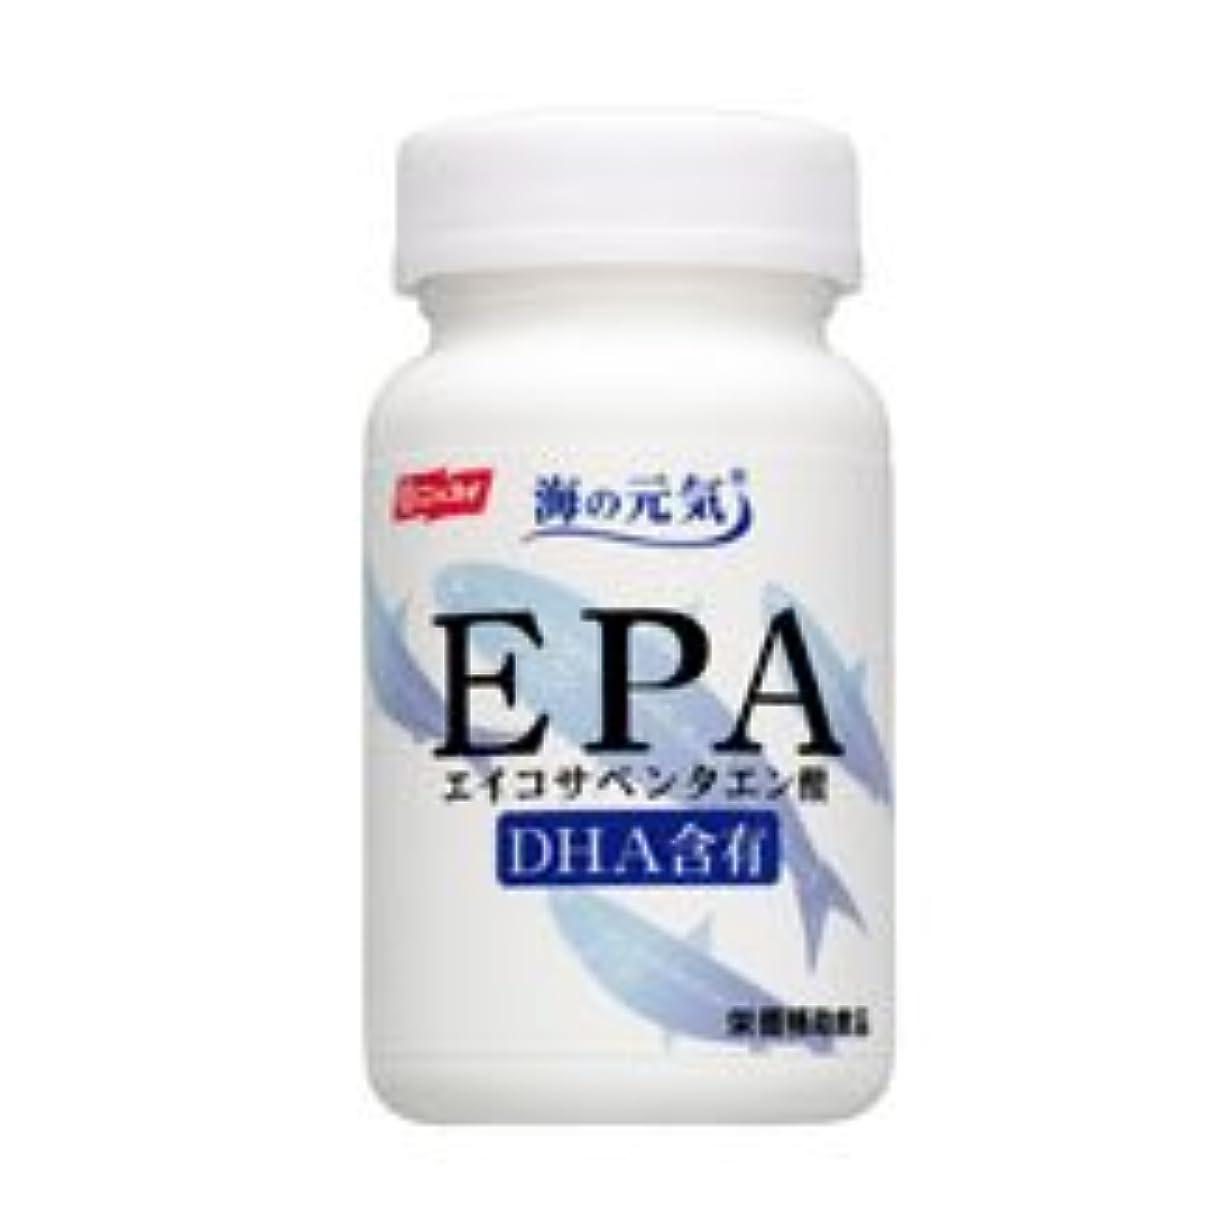 シャーク一未満ニッスイ 海の元気 EPA 120粒